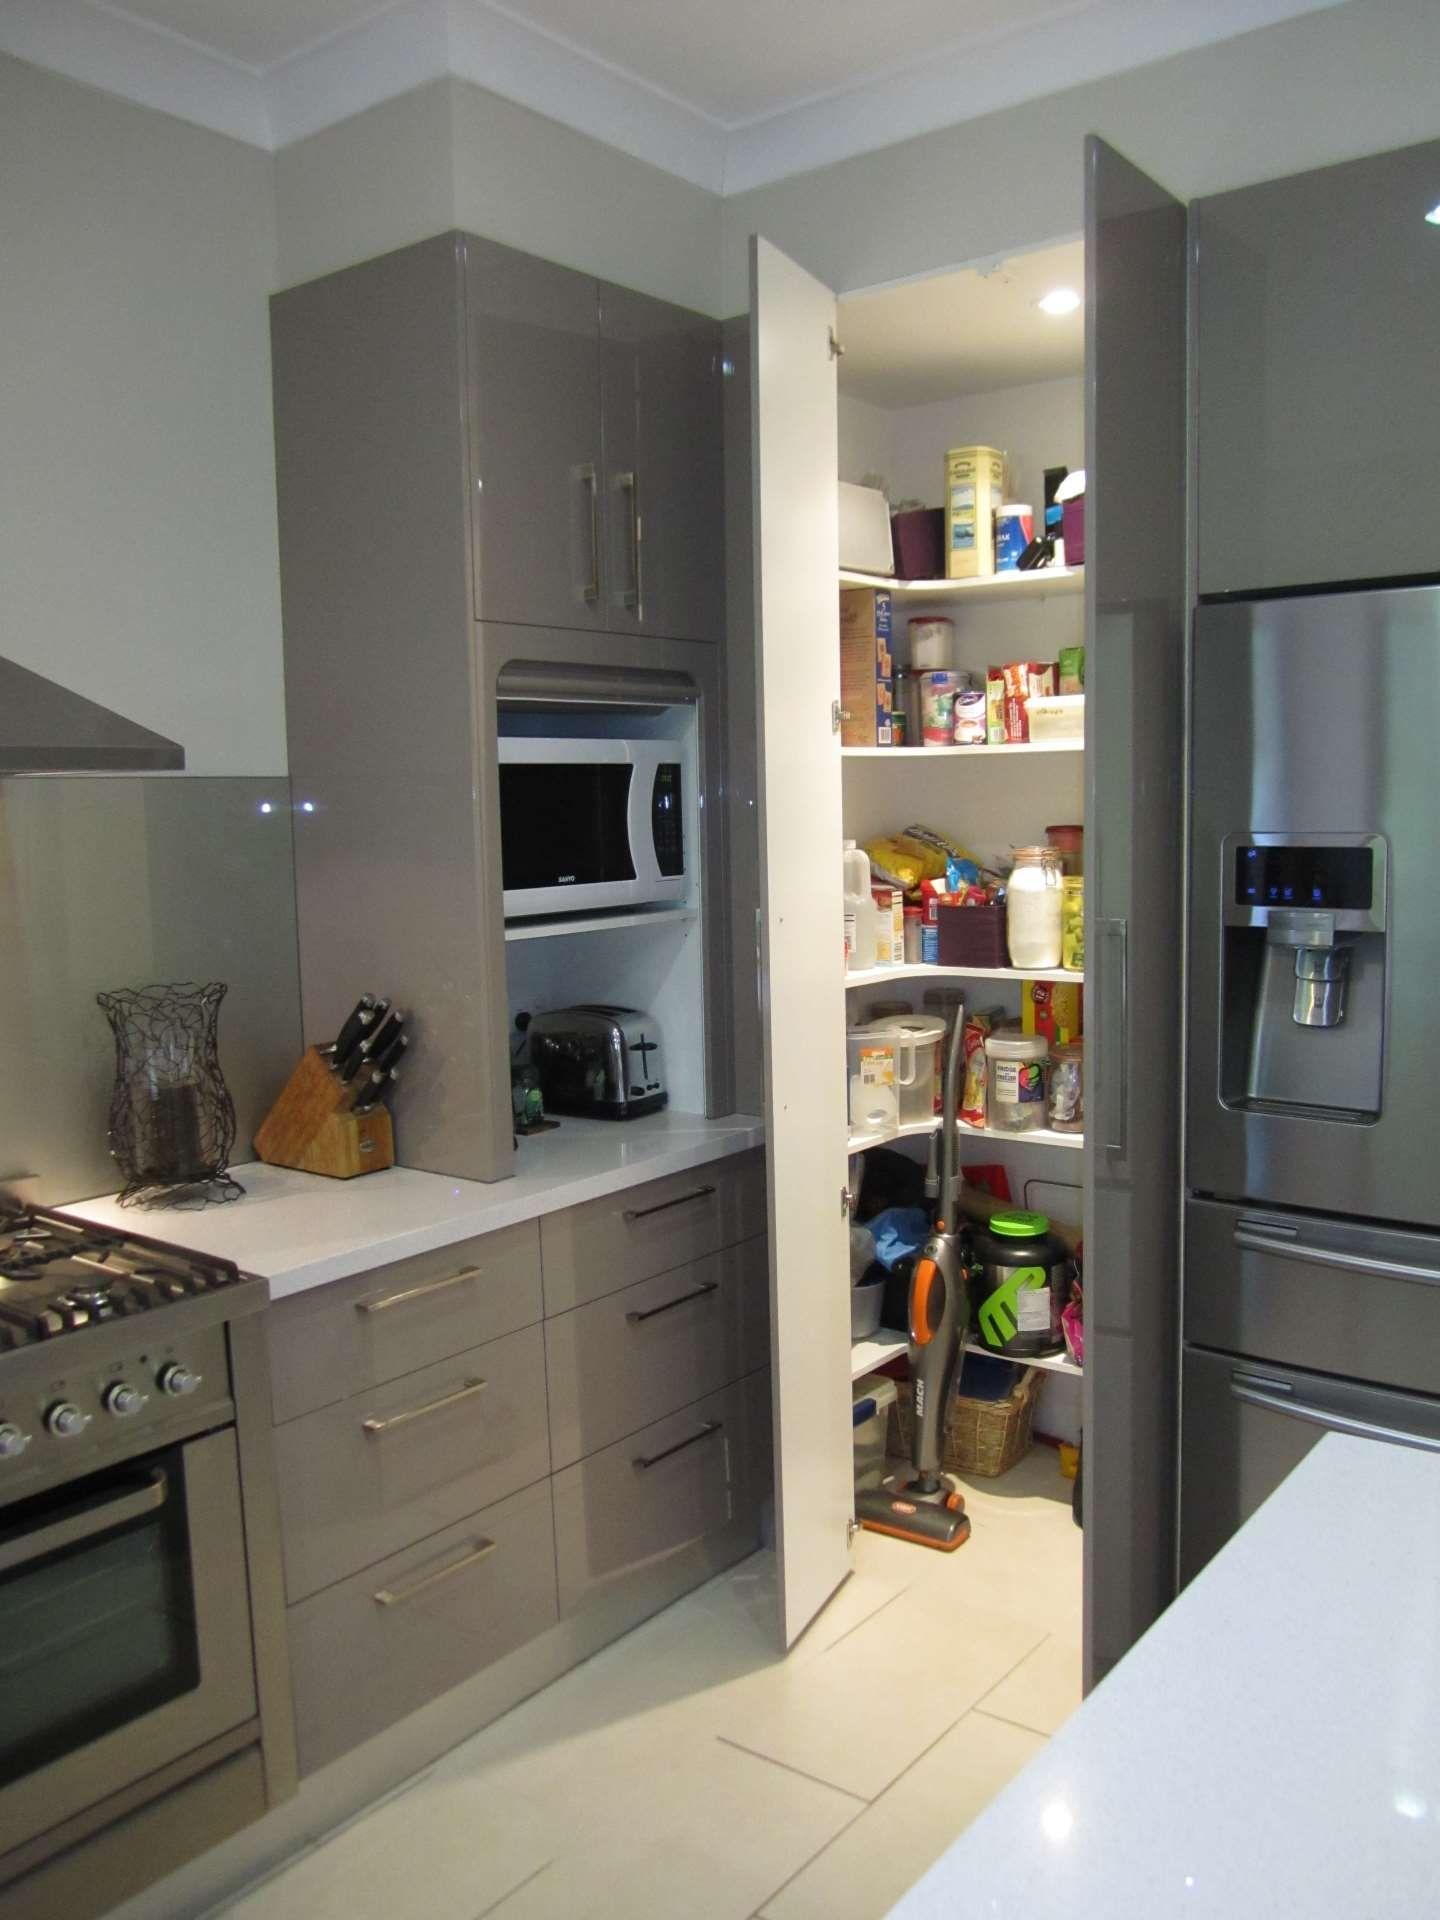 Voir les photos de nouvelles cuisines, rénovations et menuiseries personnalisées que nous avons achevées …